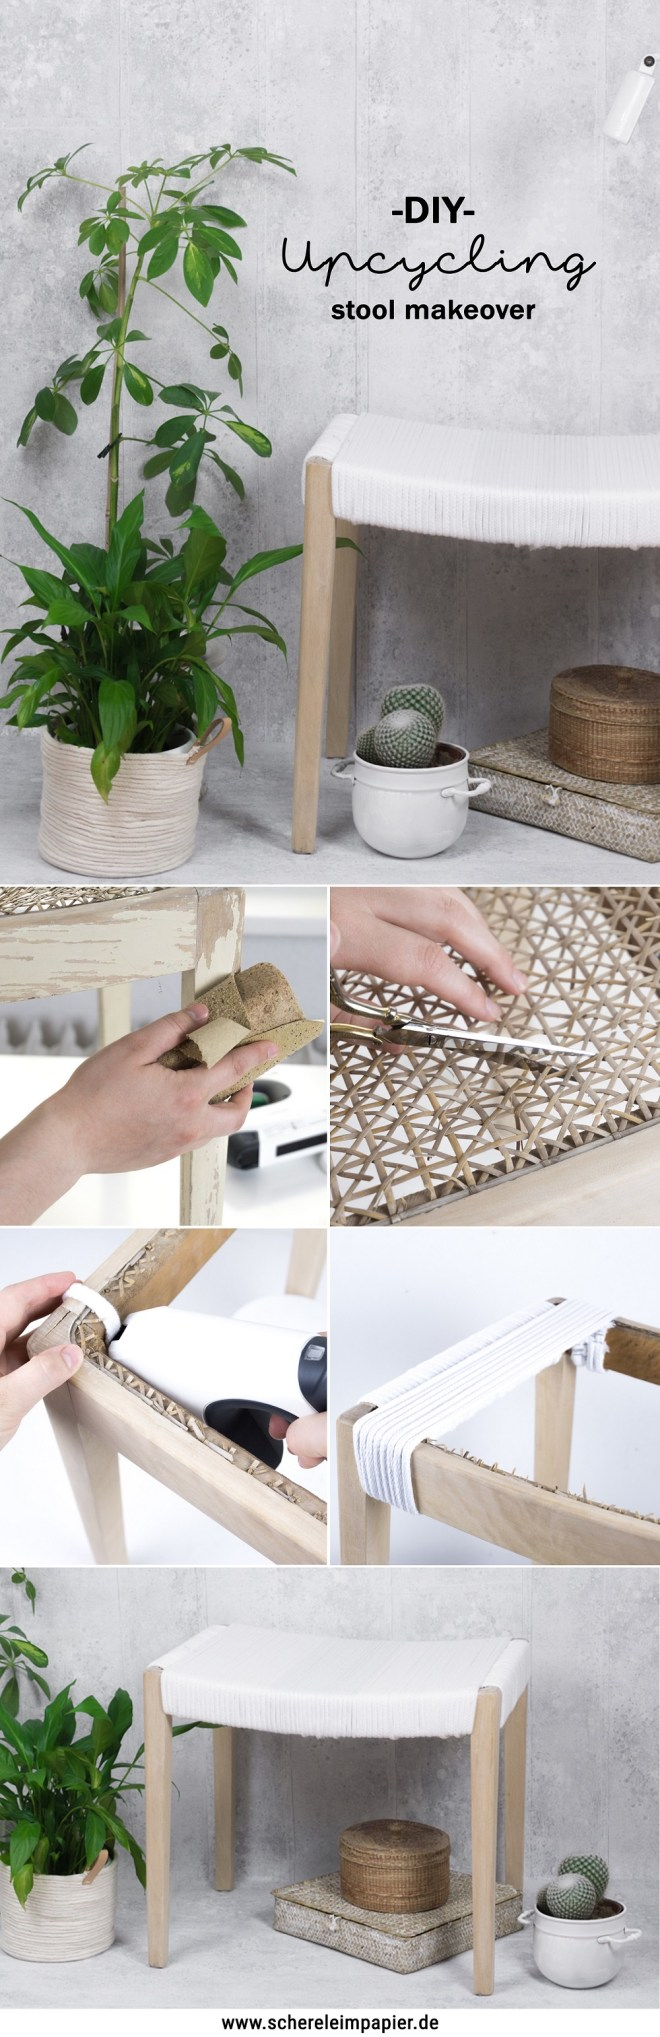 schereleimpapier DIY und Upcycling Blog aus Berlin - kreative Tutorials für Geschenke, Möbel und Deko zum Basteln – Upcycling Möbel Hocker aufarbeiten